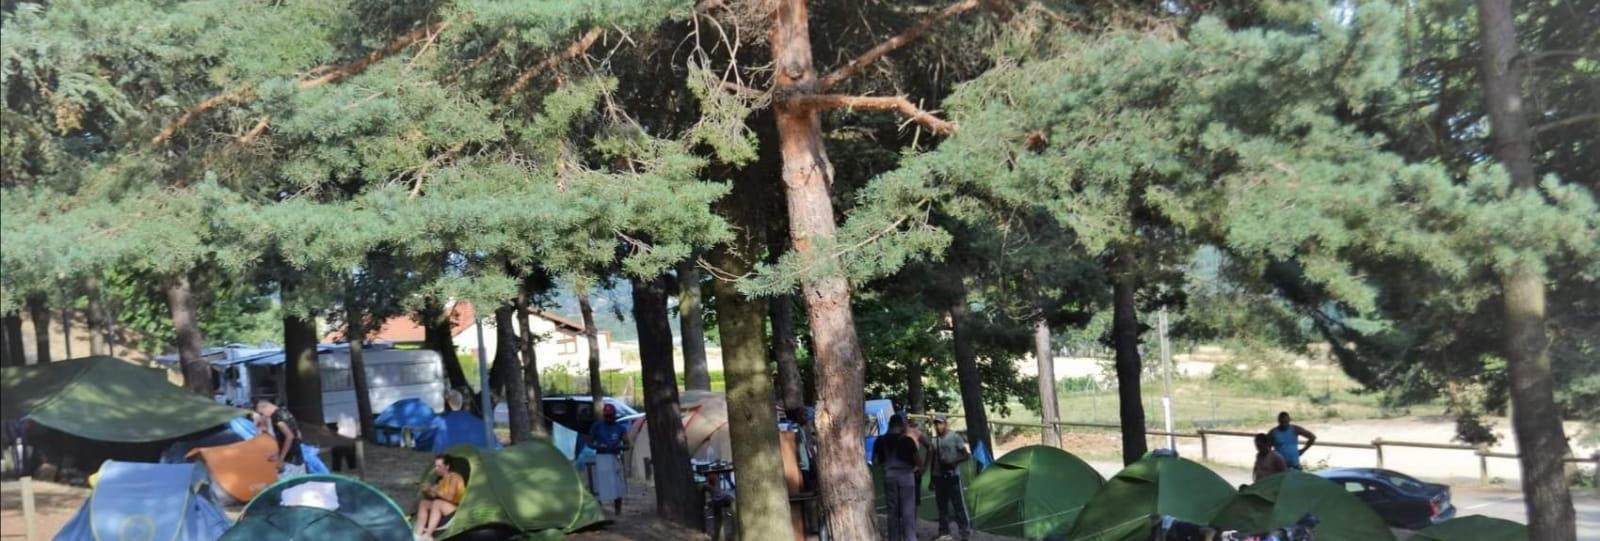 Camping Municipal de Chantelermuze